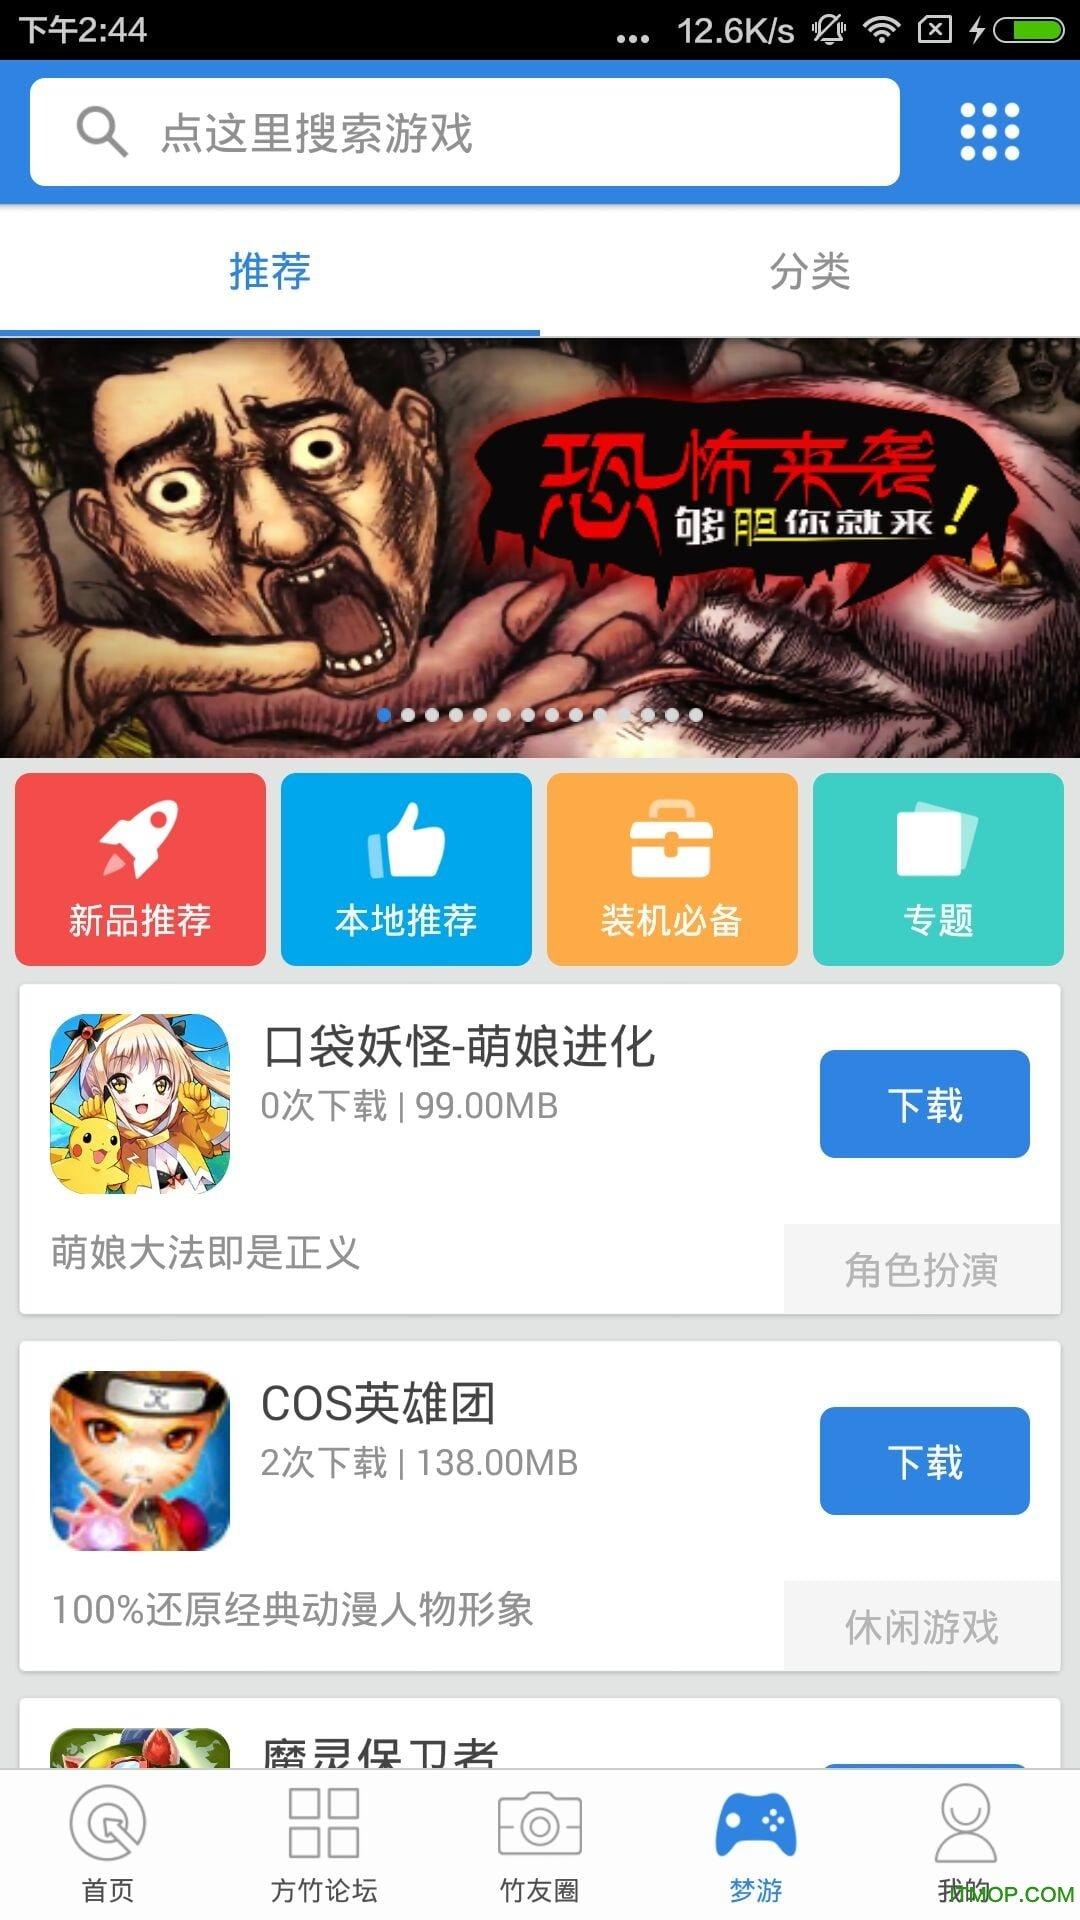 南川方竹论坛app v3.0.0 官方安卓版1